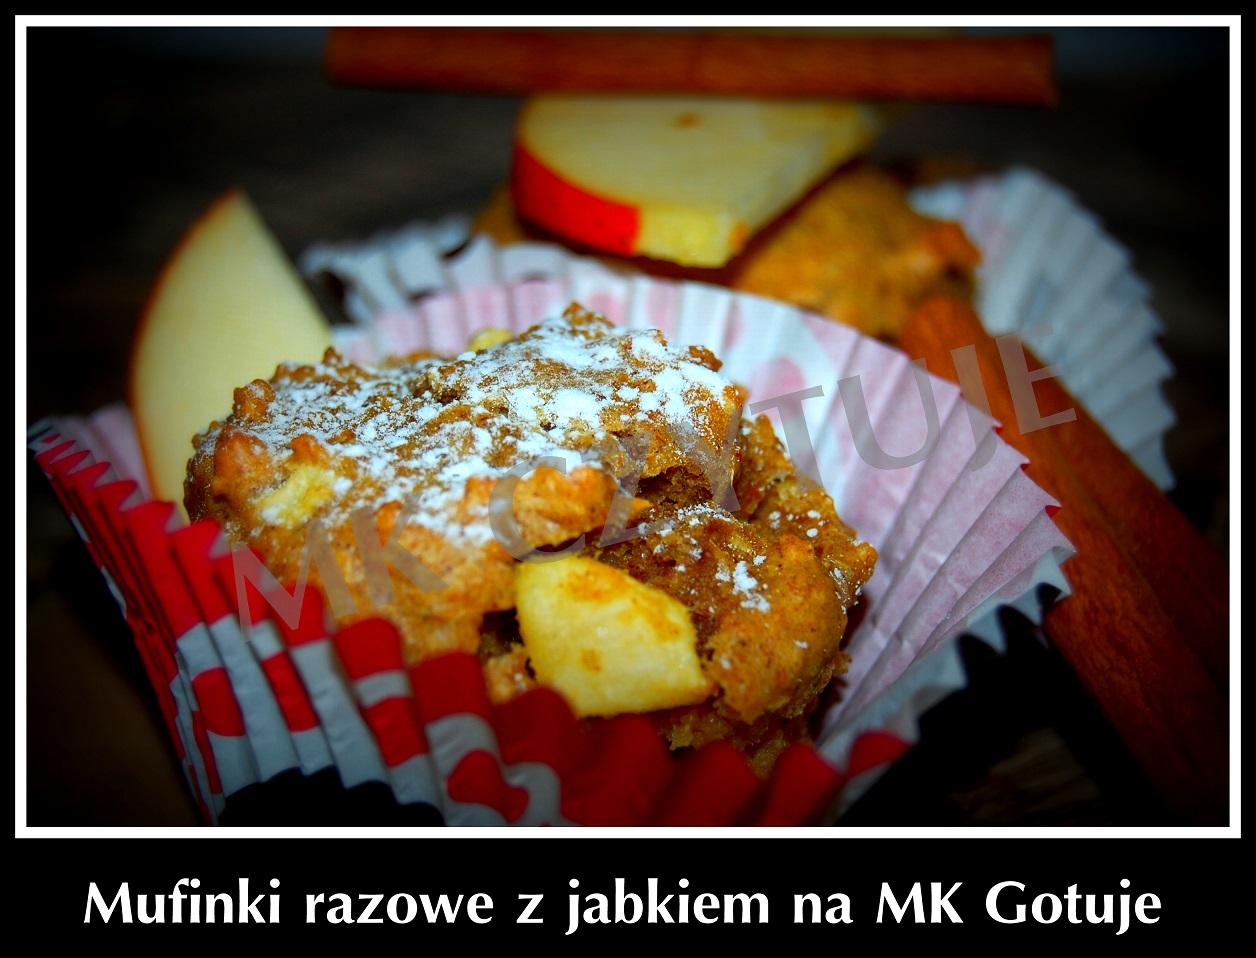 muffiny-razowo-pszenne-z-jablkami-czyli-przepisy-z-ksiazki-dieta-garstkowa-dr-anny-lewitt-oraz-kilka-slow-o-tej-ksiazce